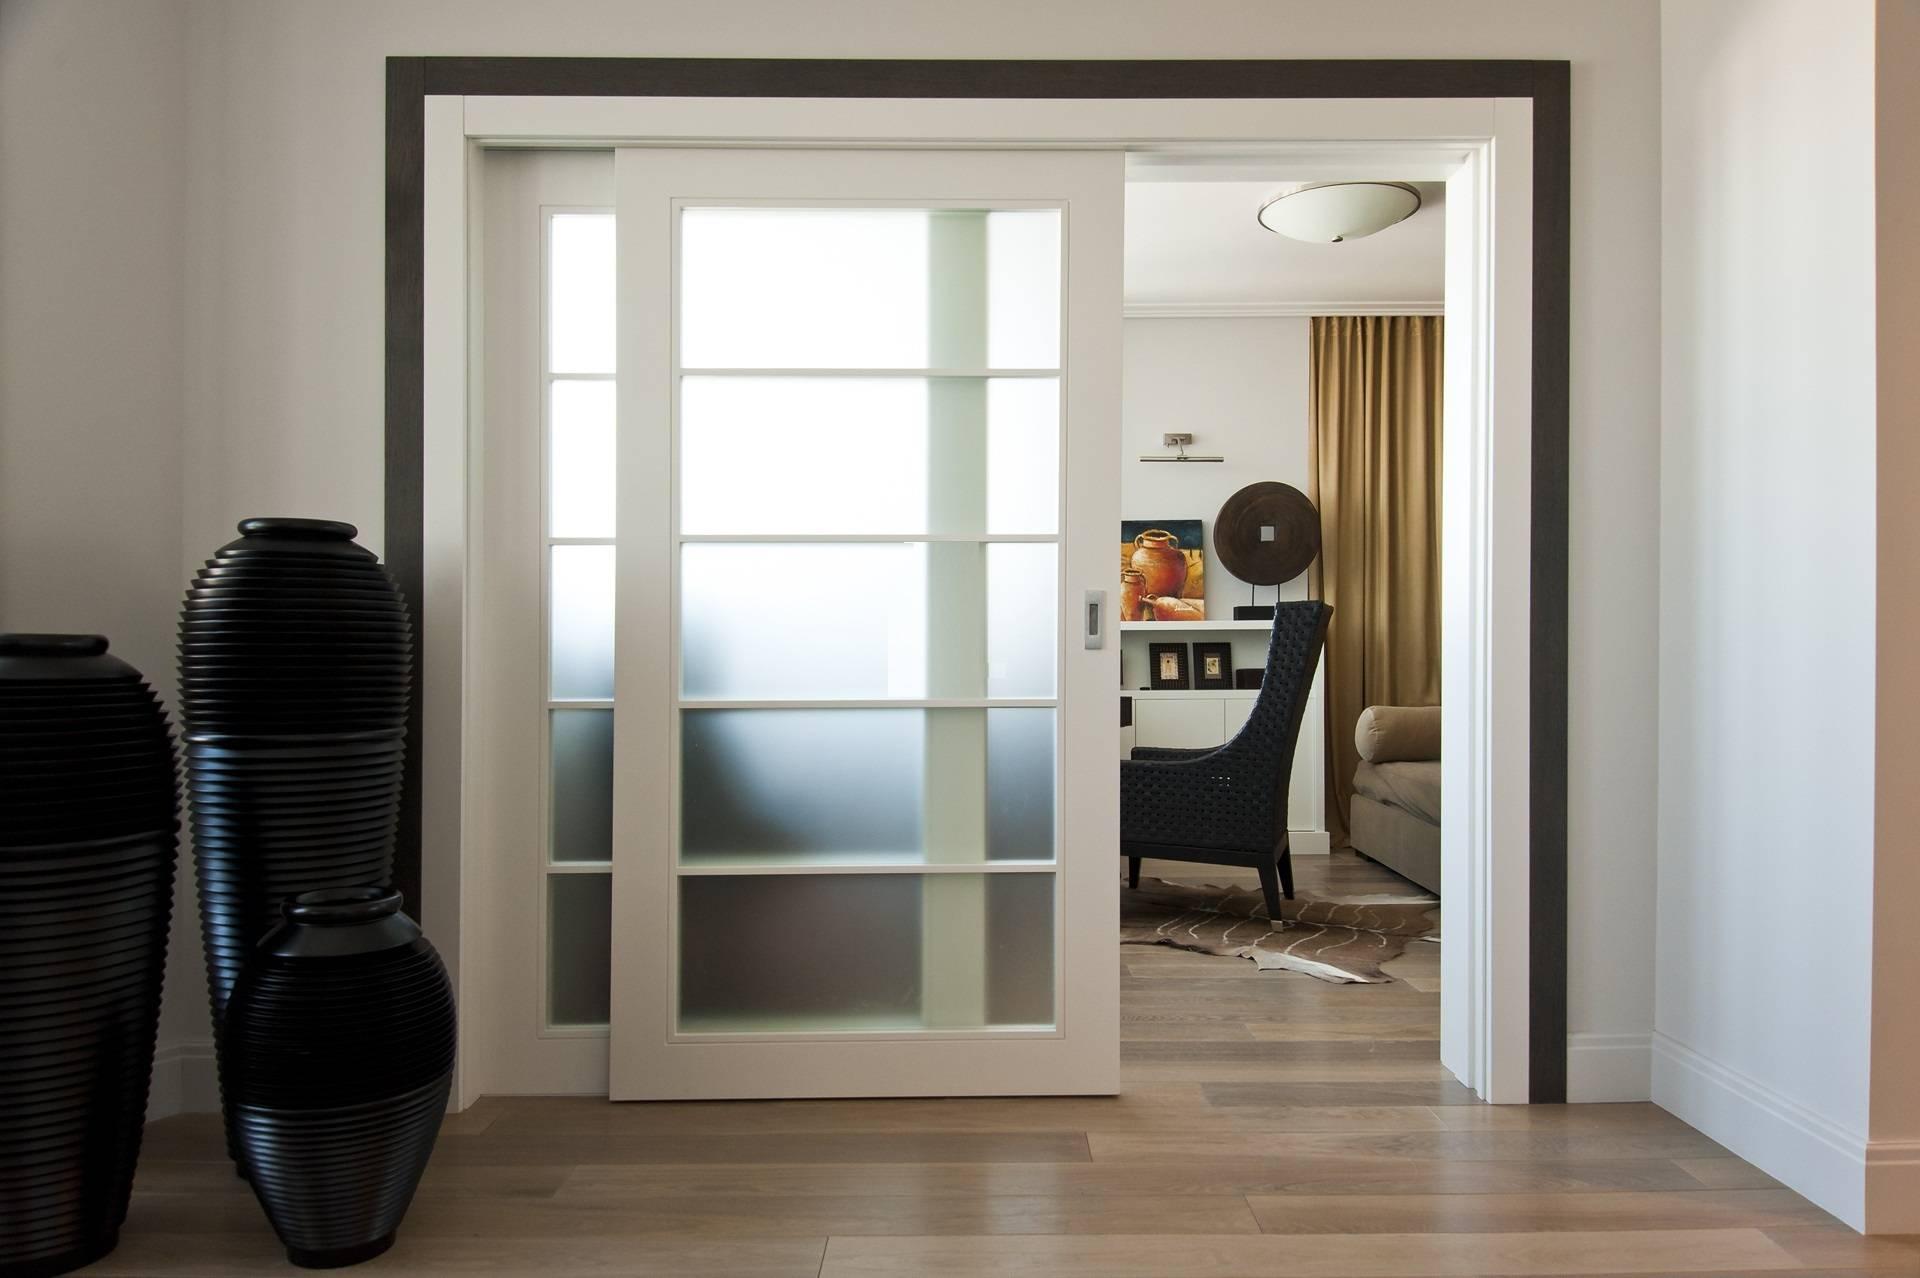 Как из профилей сделать проем для двери в перегородке из гипсокартона